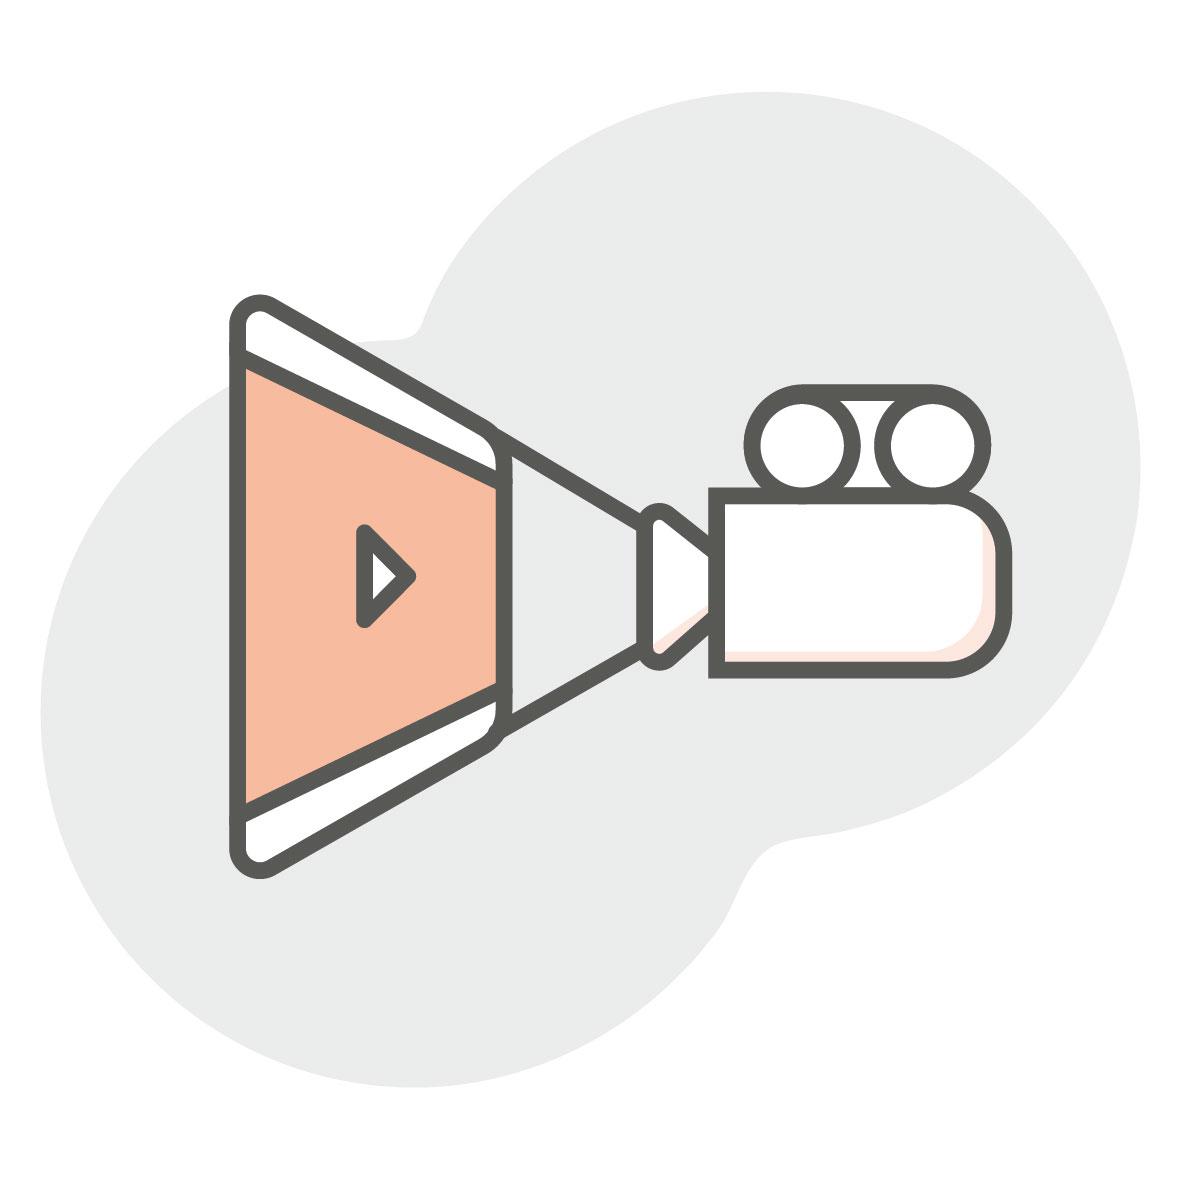 영상 제작 - 전달력이 뛰어난 영상으로 당신의 비즈니스를 알리세요